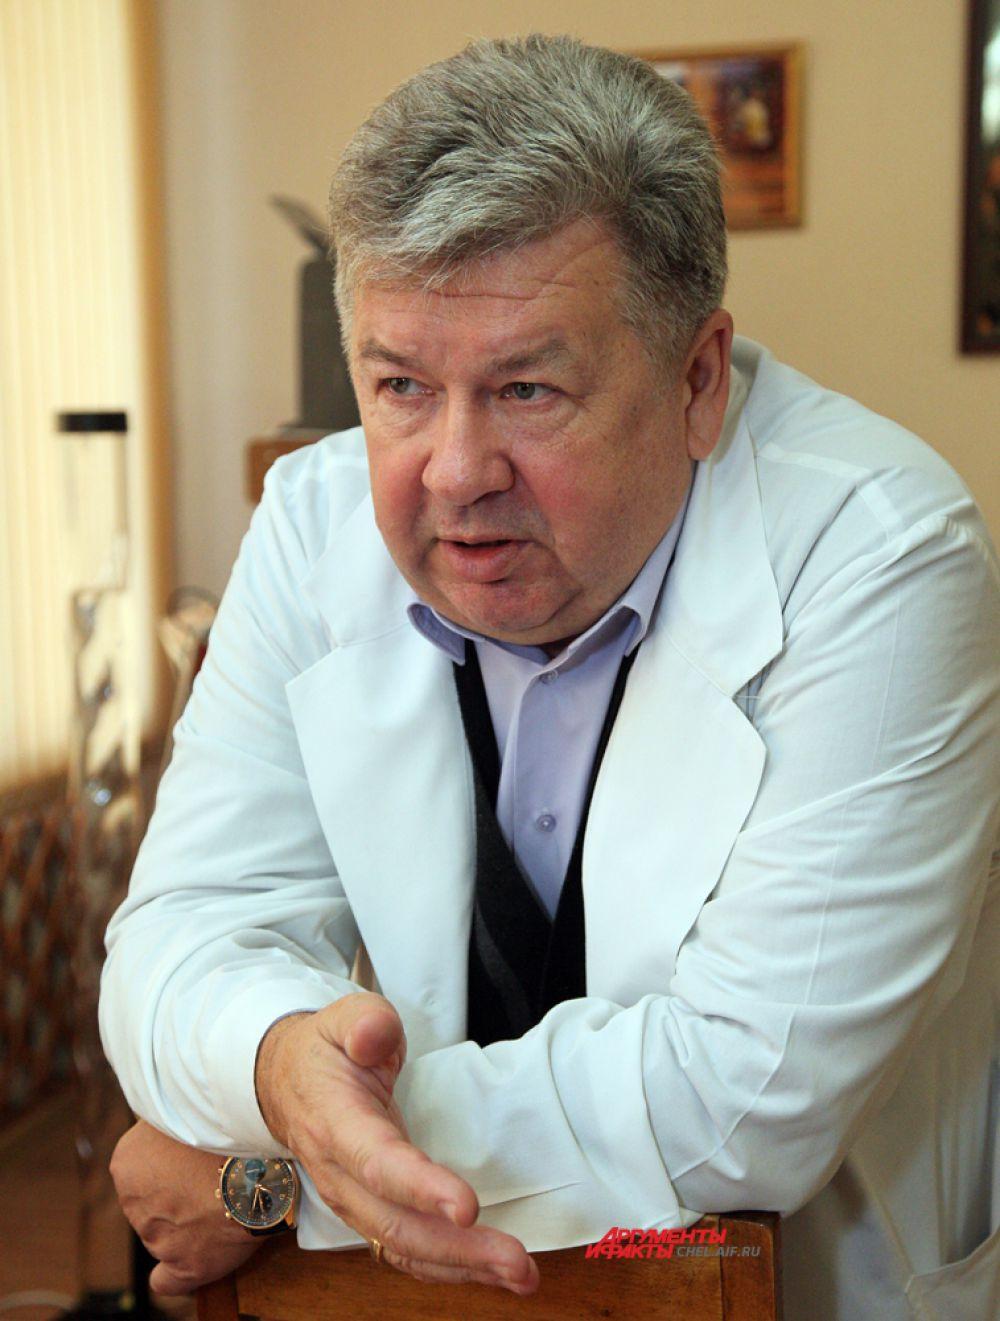 Важенин А.В.,главный врач Челябинского окружного клинического диспансера